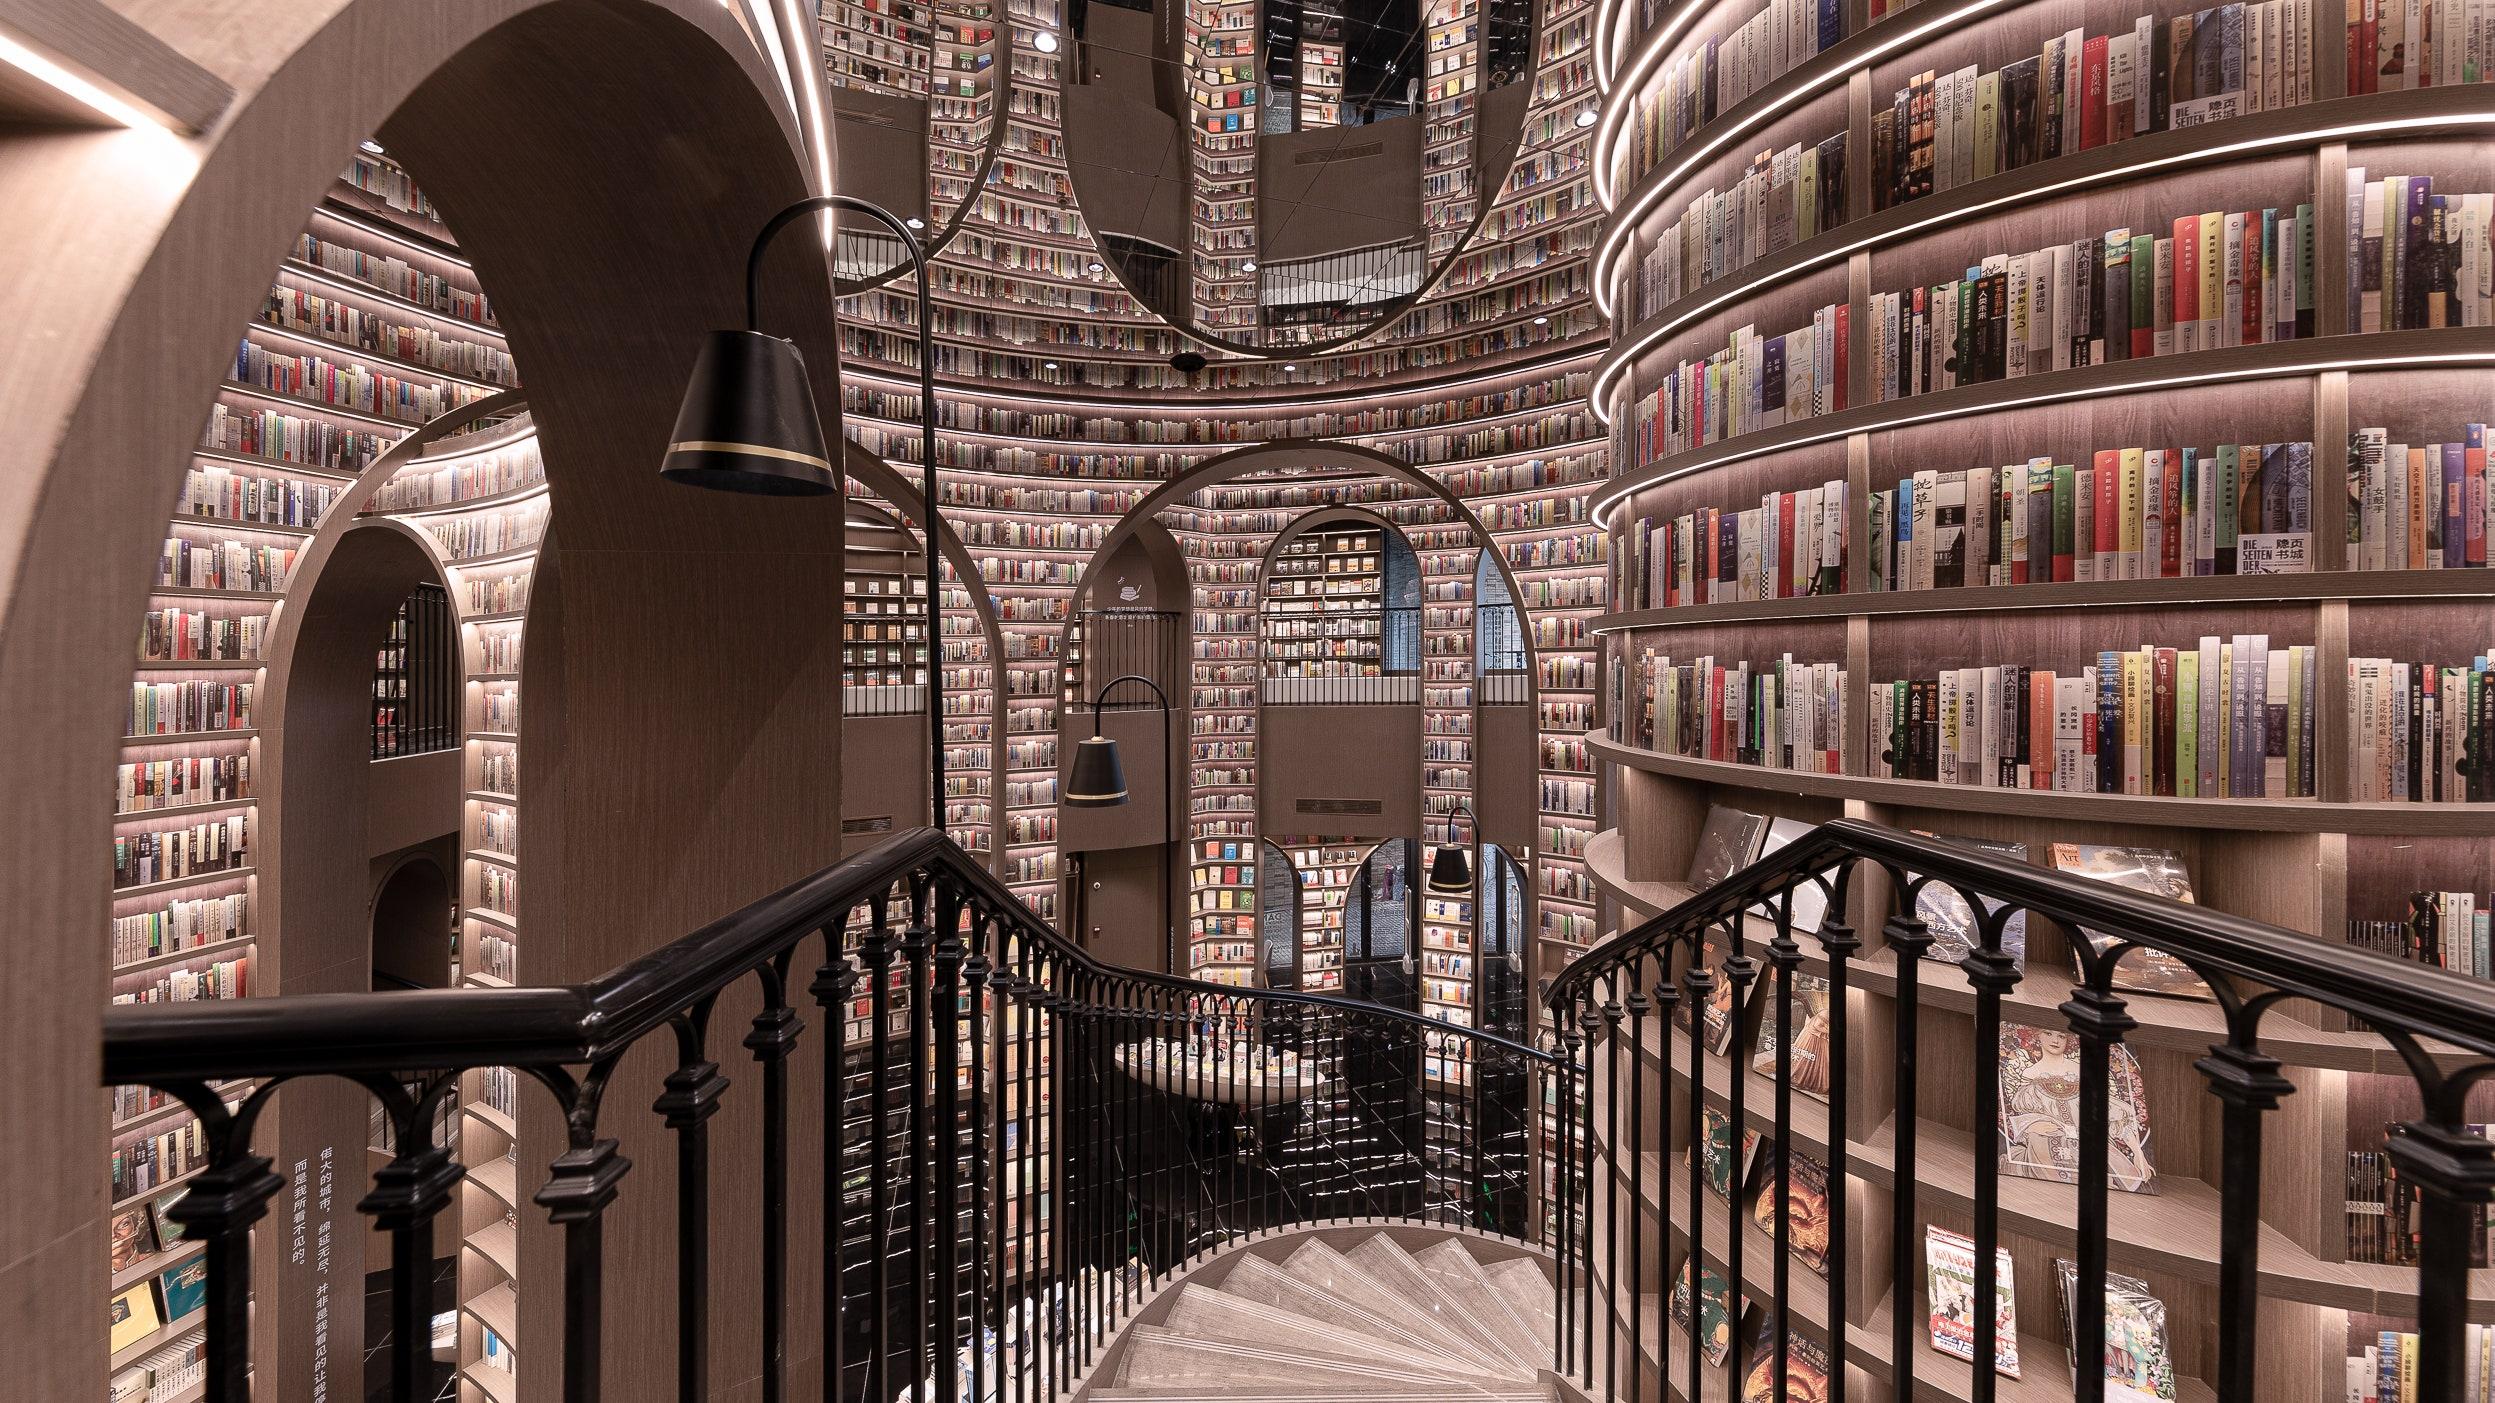 Книги від підлоги до стелі: у Китаї відкрився книжковий магазин із неймовірним інтер'єром - фото 5